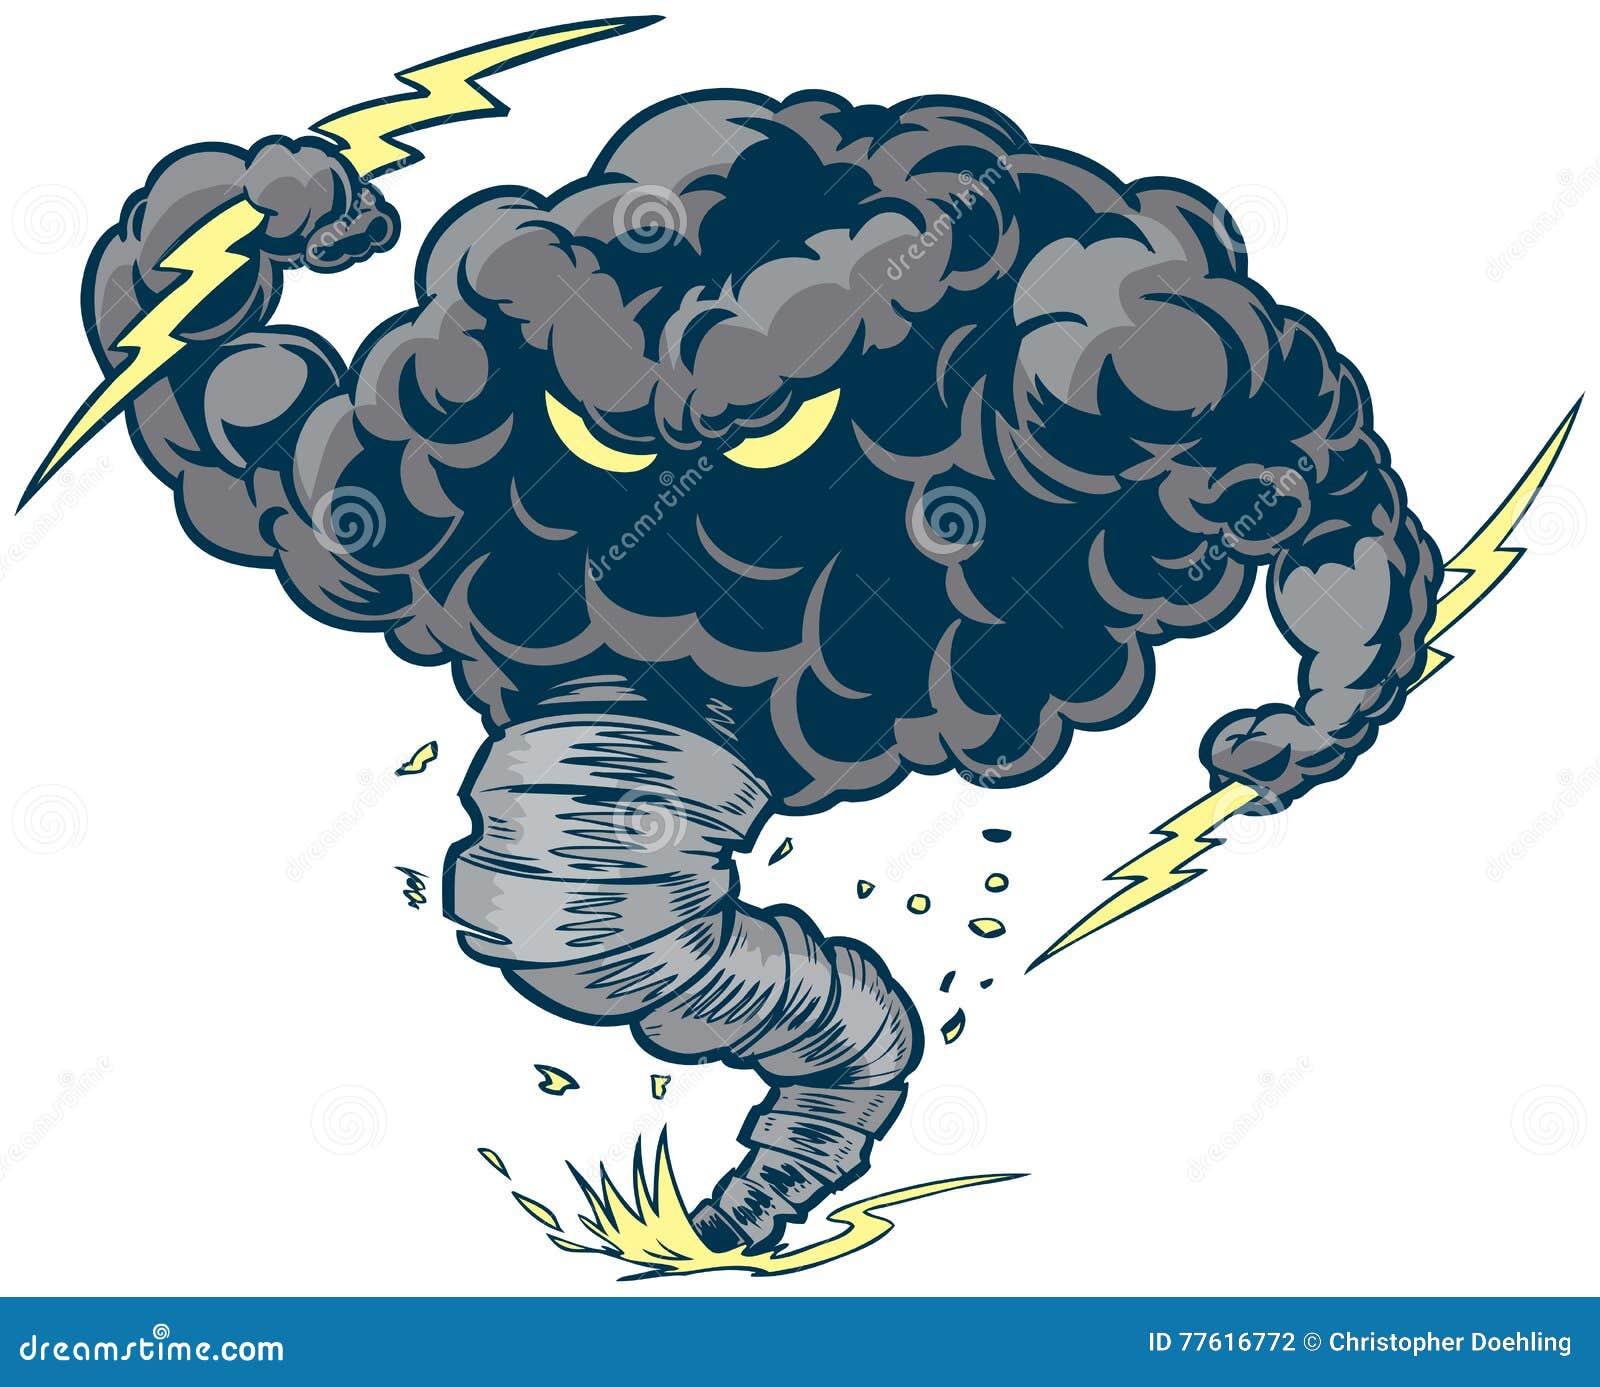 Mascote do furacão da tempestade da nuvem de trovão do vetor com parafusos de relâmpago